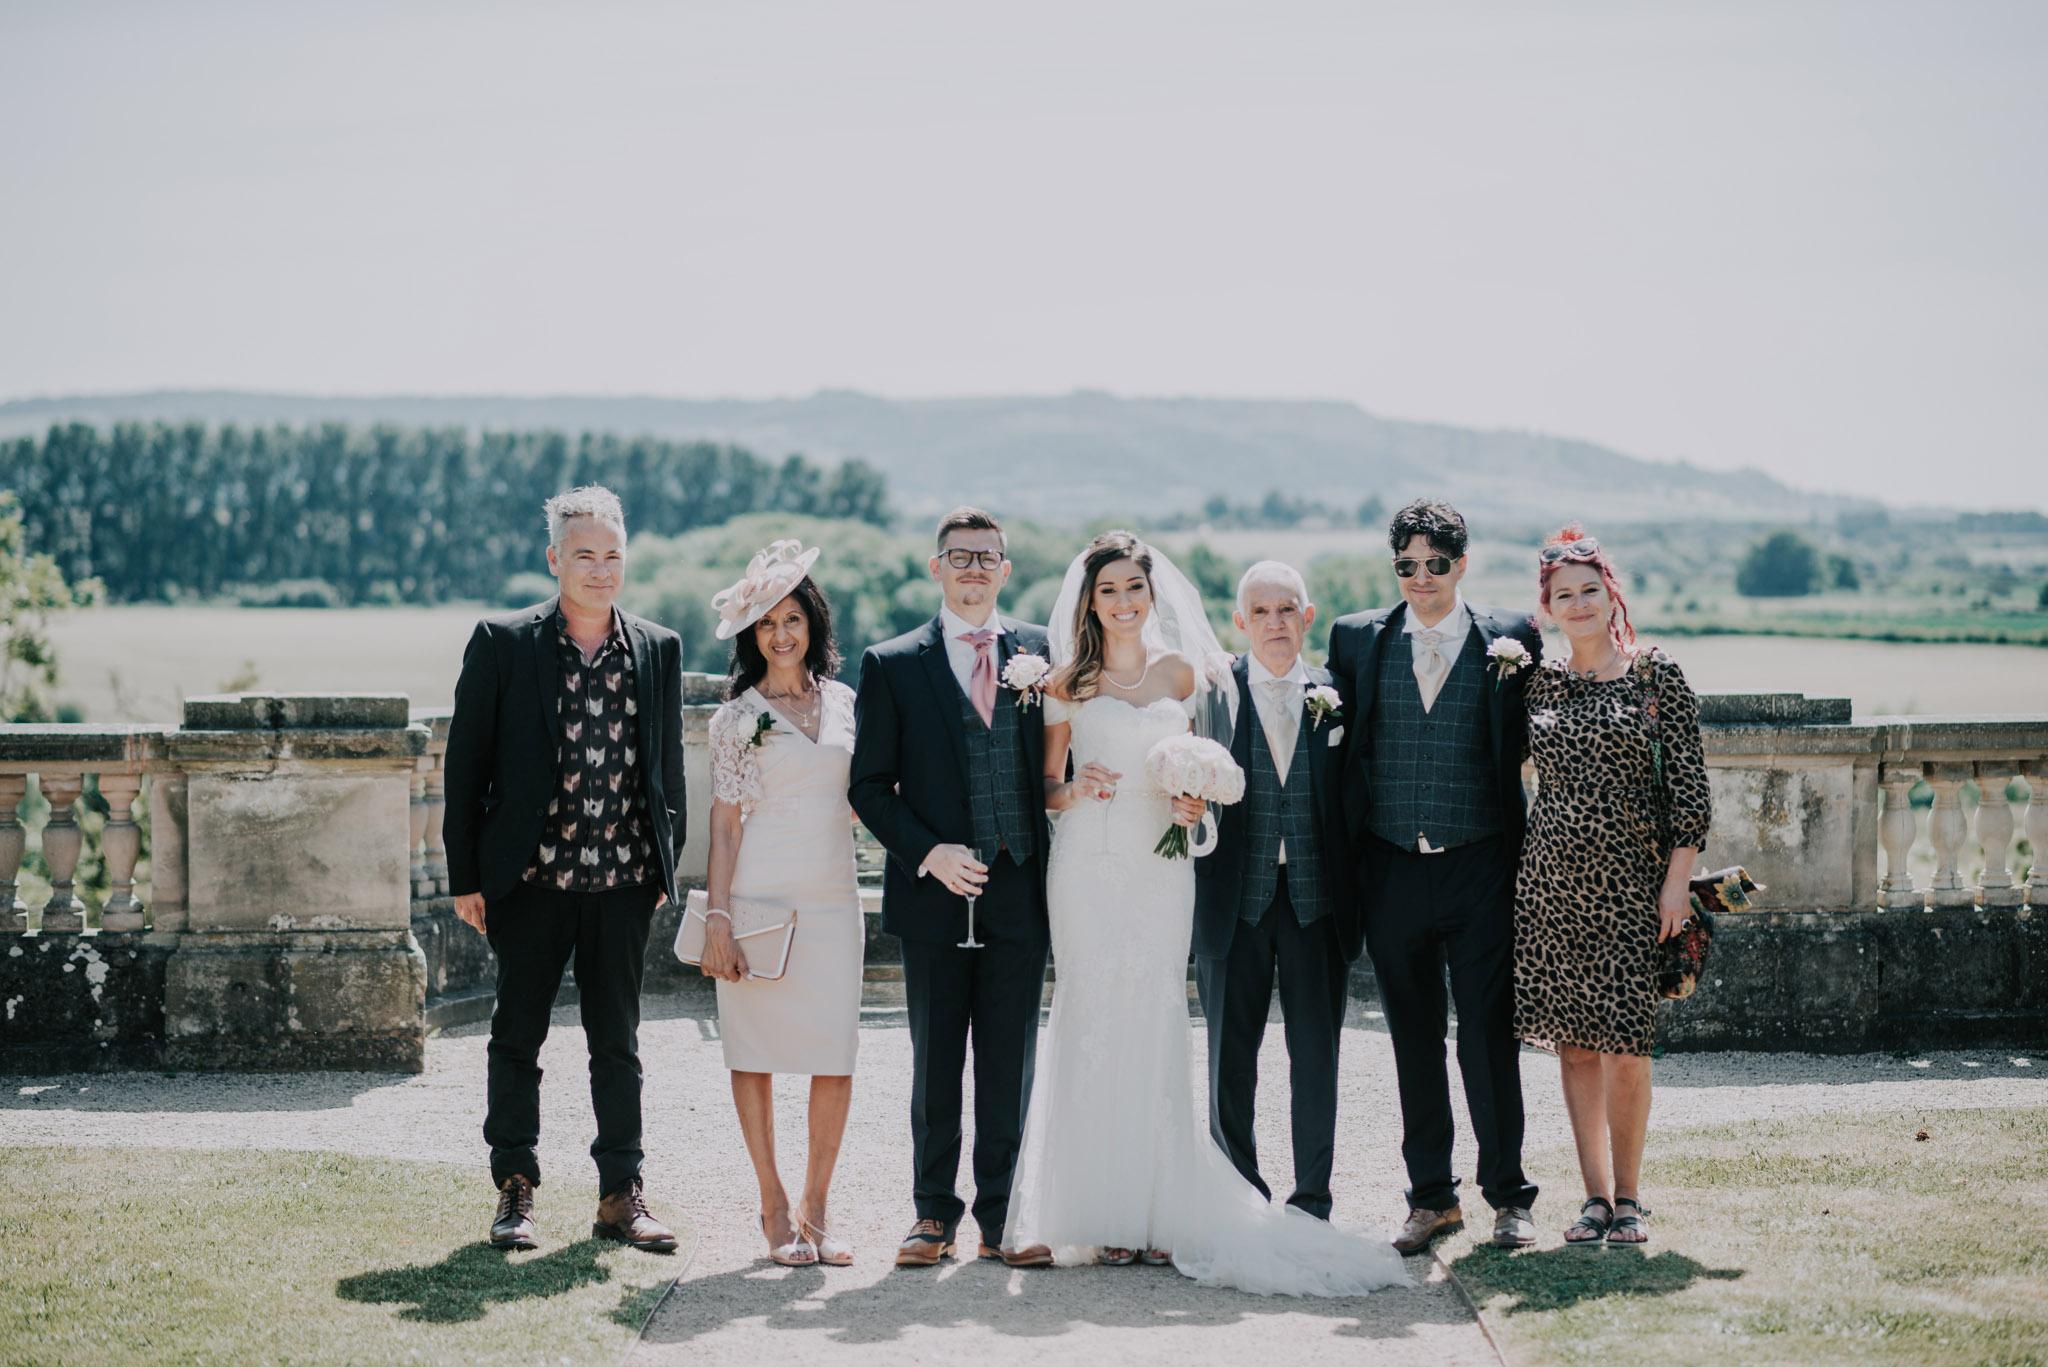 scott-stockwell-wedding-photographer-wood-norton-evesham216.jpg